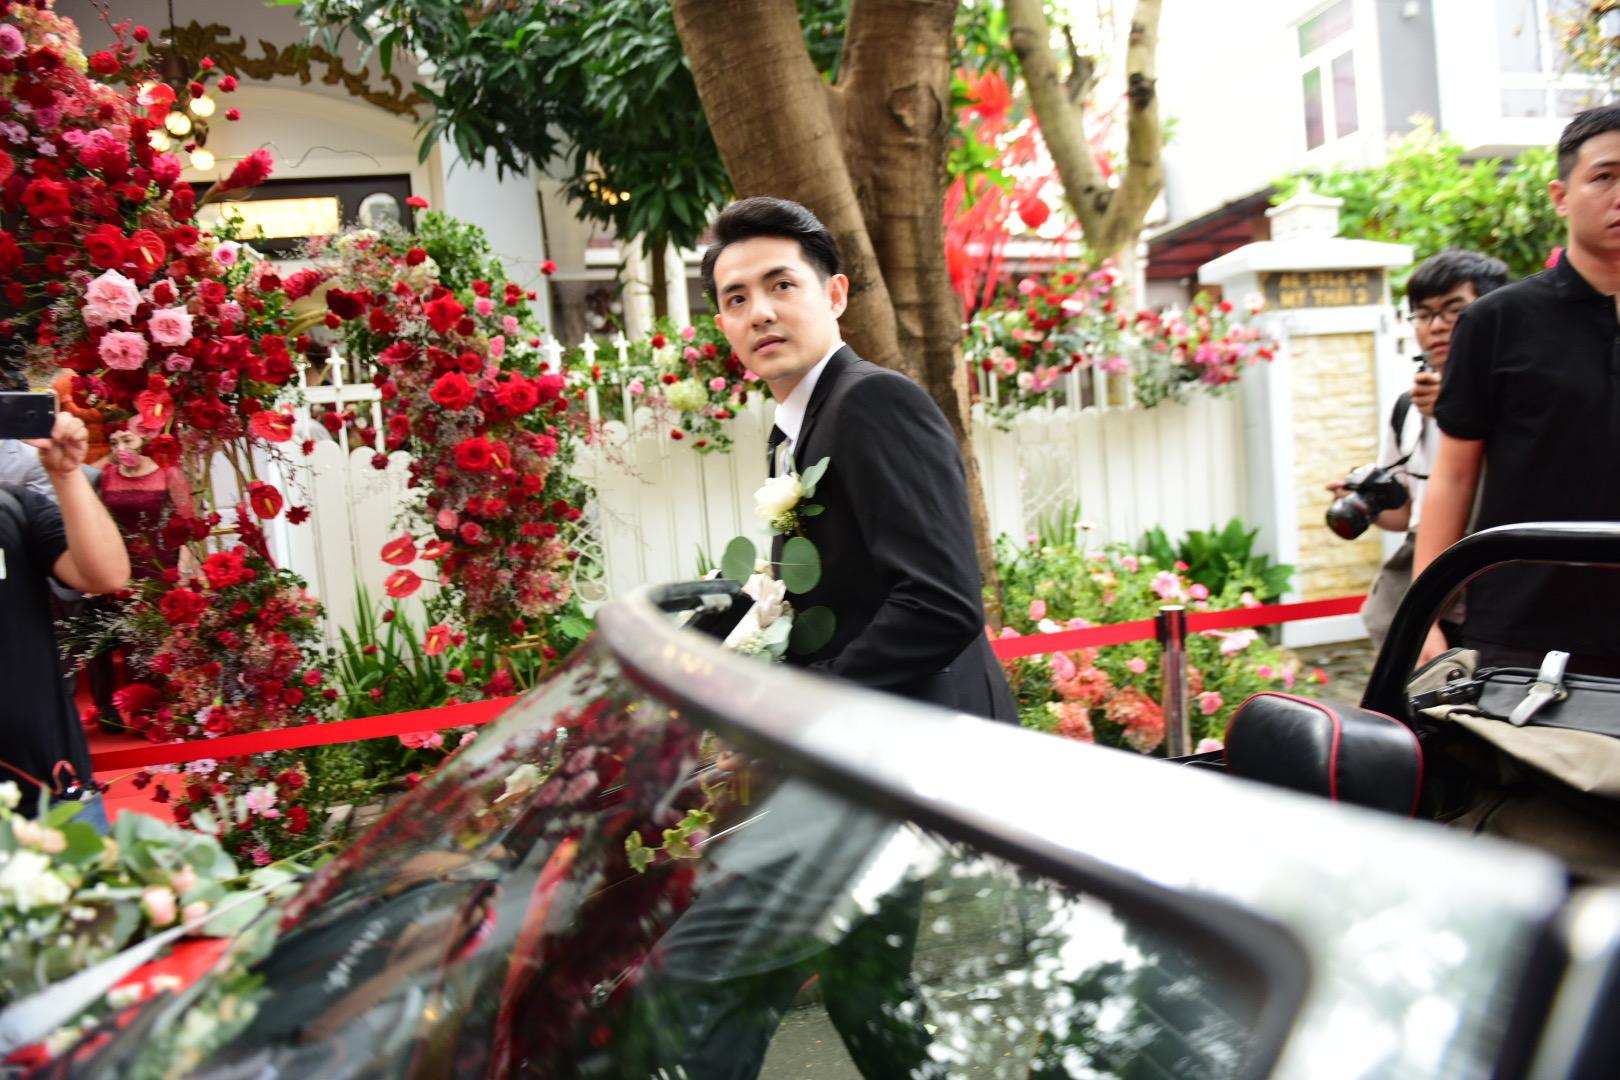 Đám cưới thế kỷ Đông Nhi - Ông Cao Thắng: Chú rể rạng rỡ lái xe rước dâu, dàn phù dâu phù rể đình đám - Ảnh 10